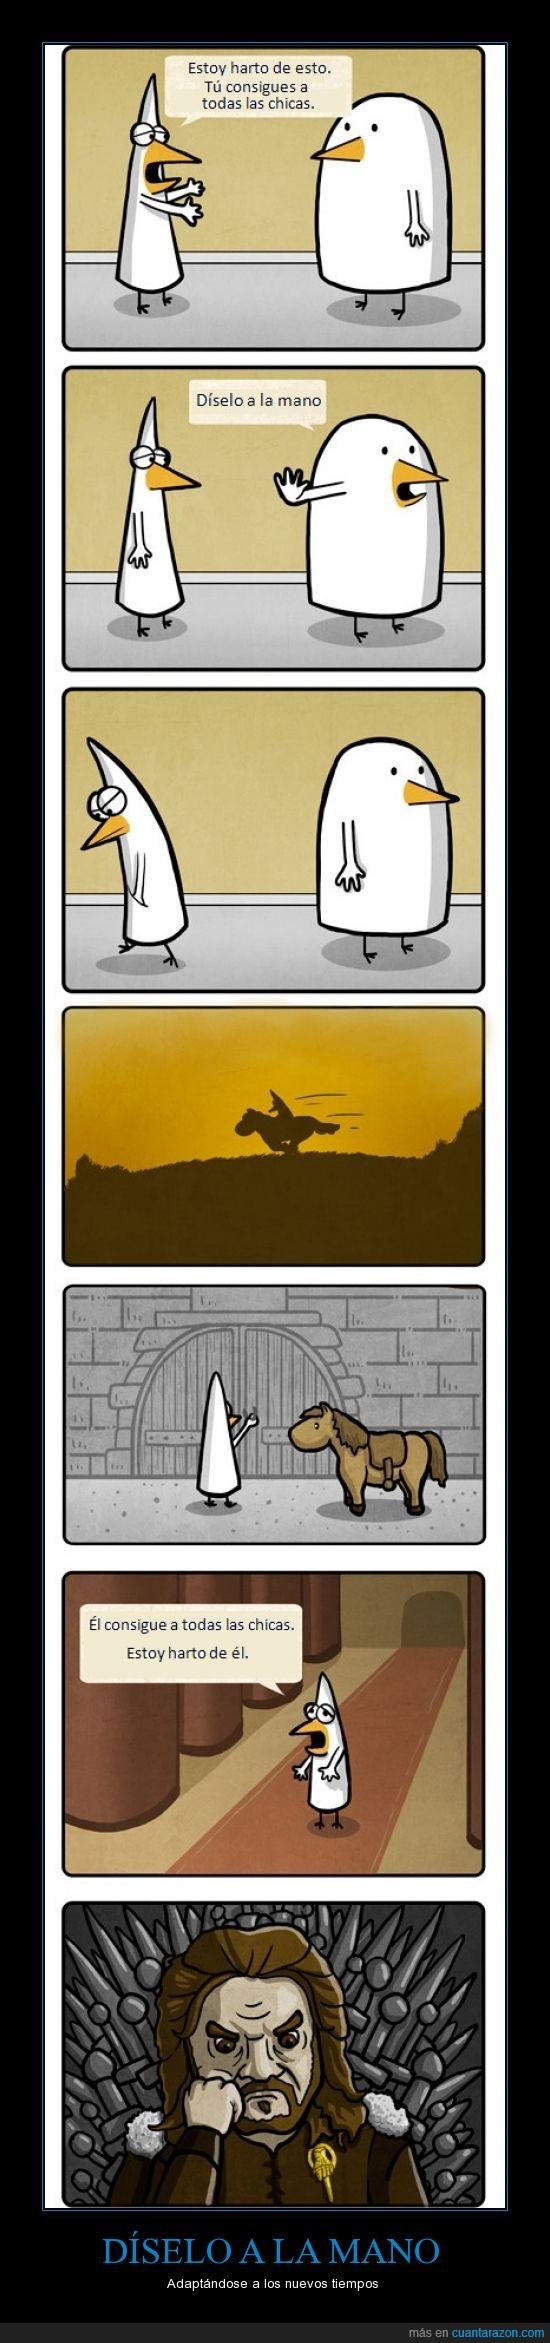 Eddard Stark,Fredo,Juego de Tronos,Mano,Pidjin,Se acerca el Invierno